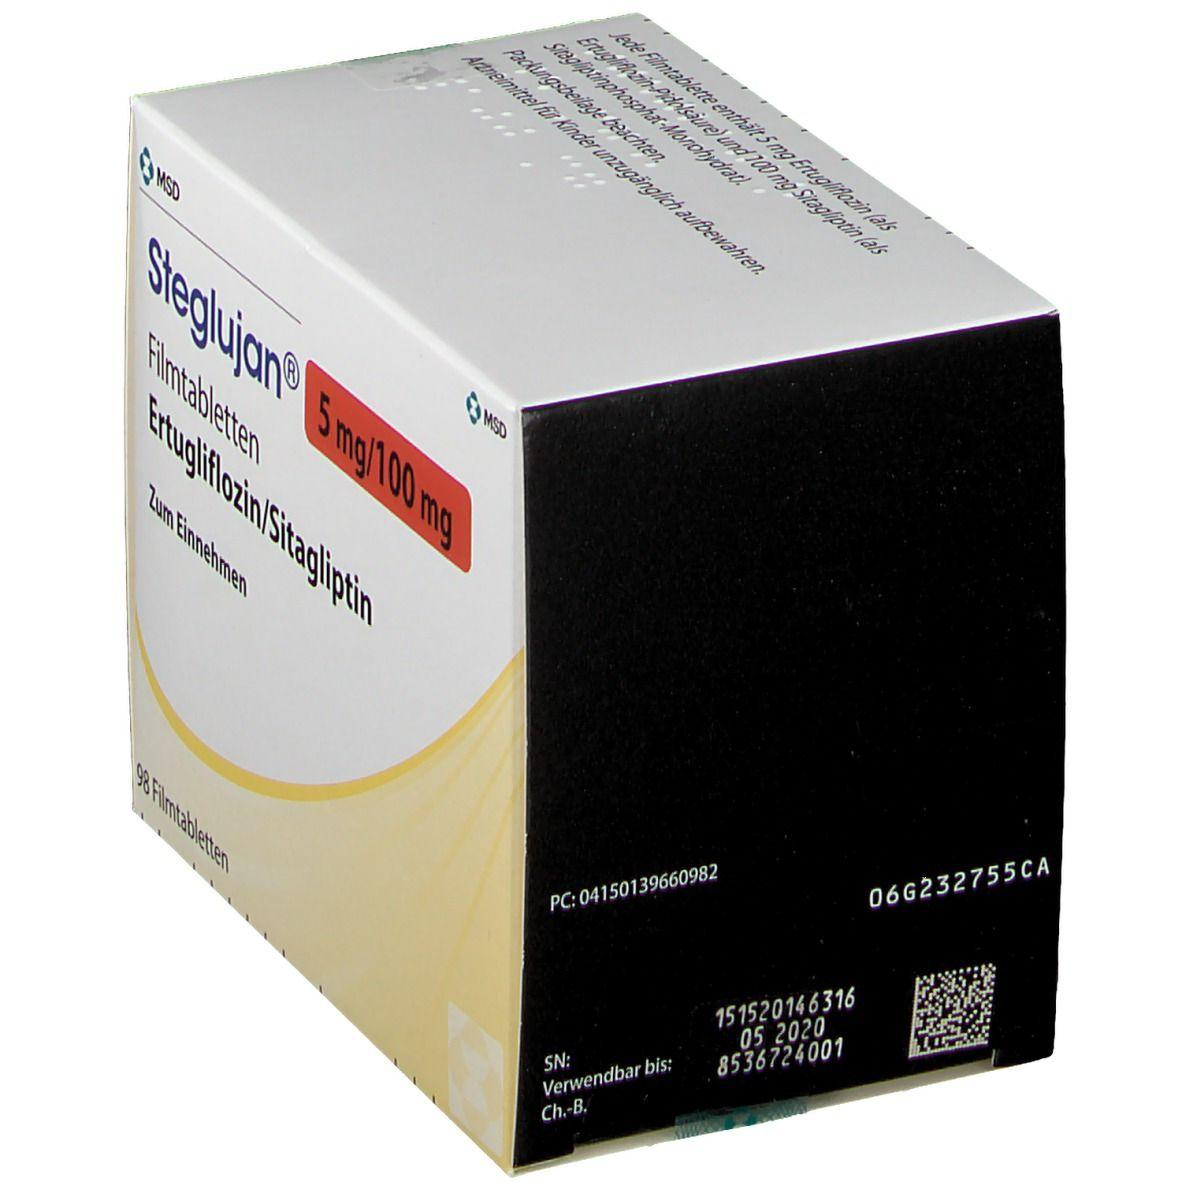 STEGLUJAN 5 mg/100 mg Filmtabletten